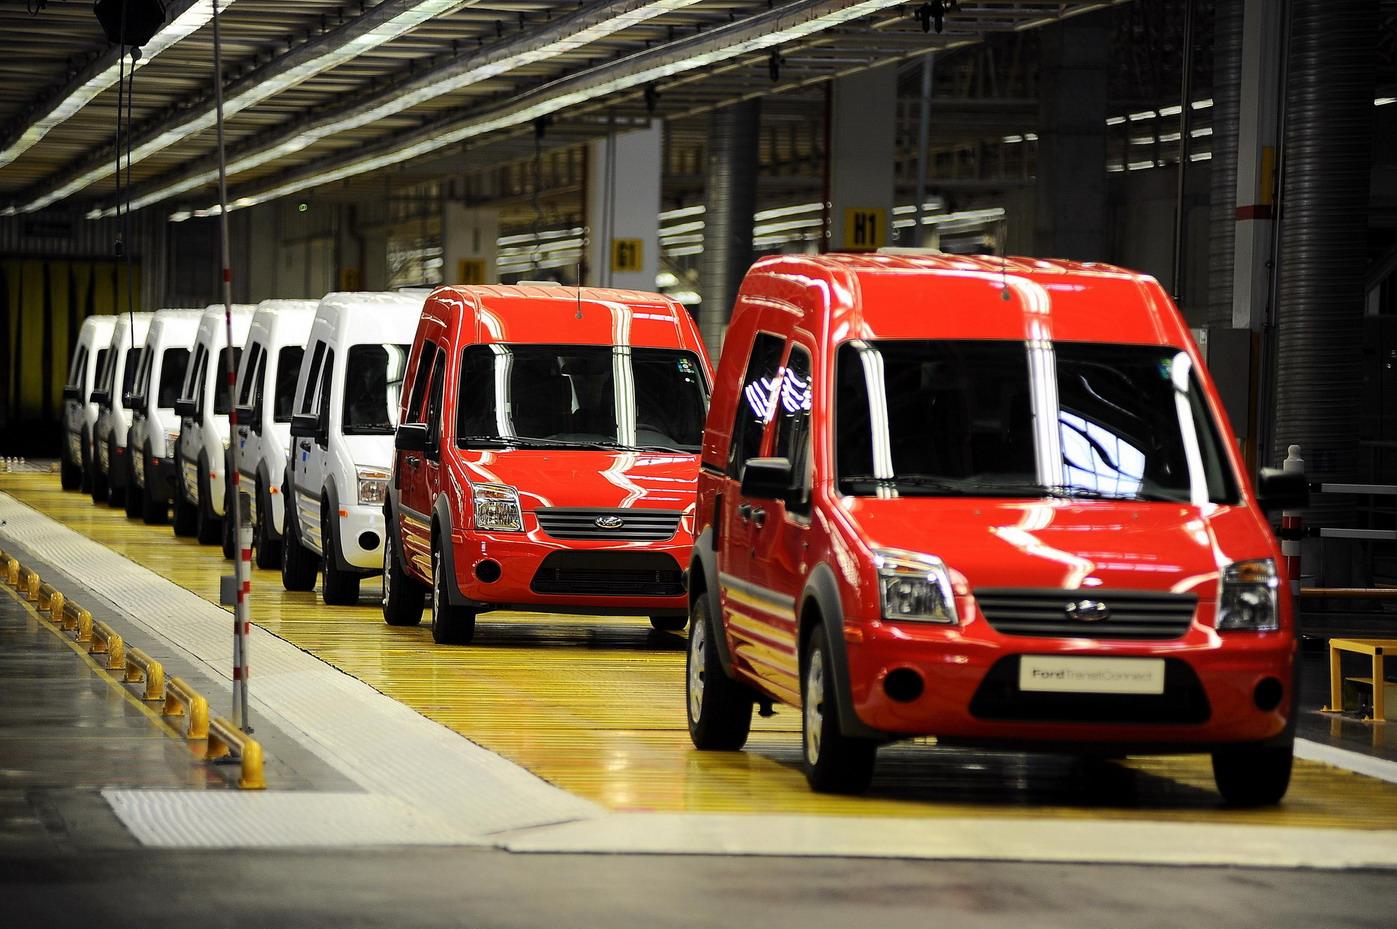 Otomobil üretimi altın çağını yaşıyor